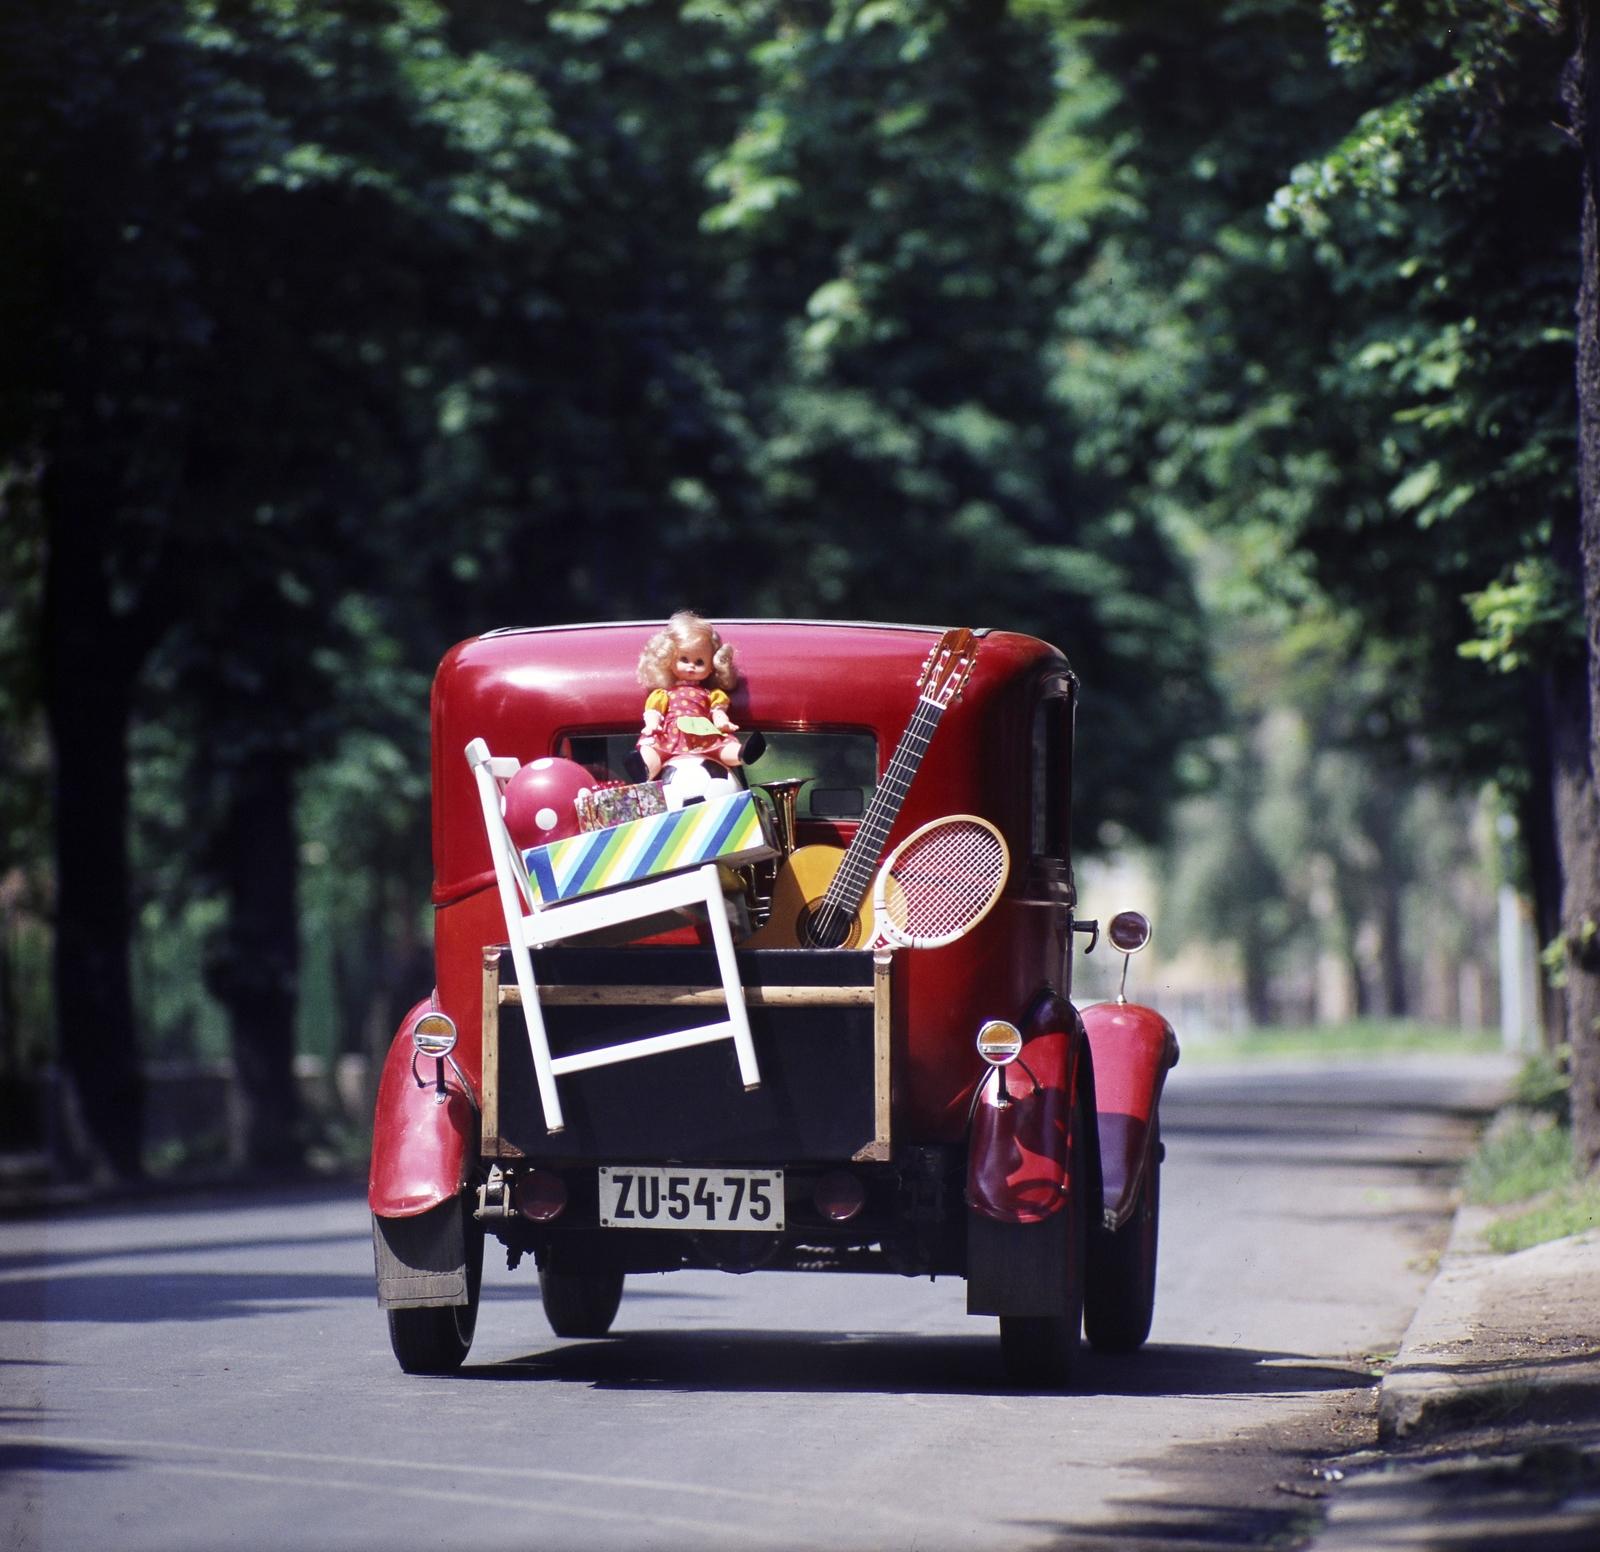 A FŐBUHÁTÓL.<br />1980<br />Fotó: Fortepan / Tóth József Füles